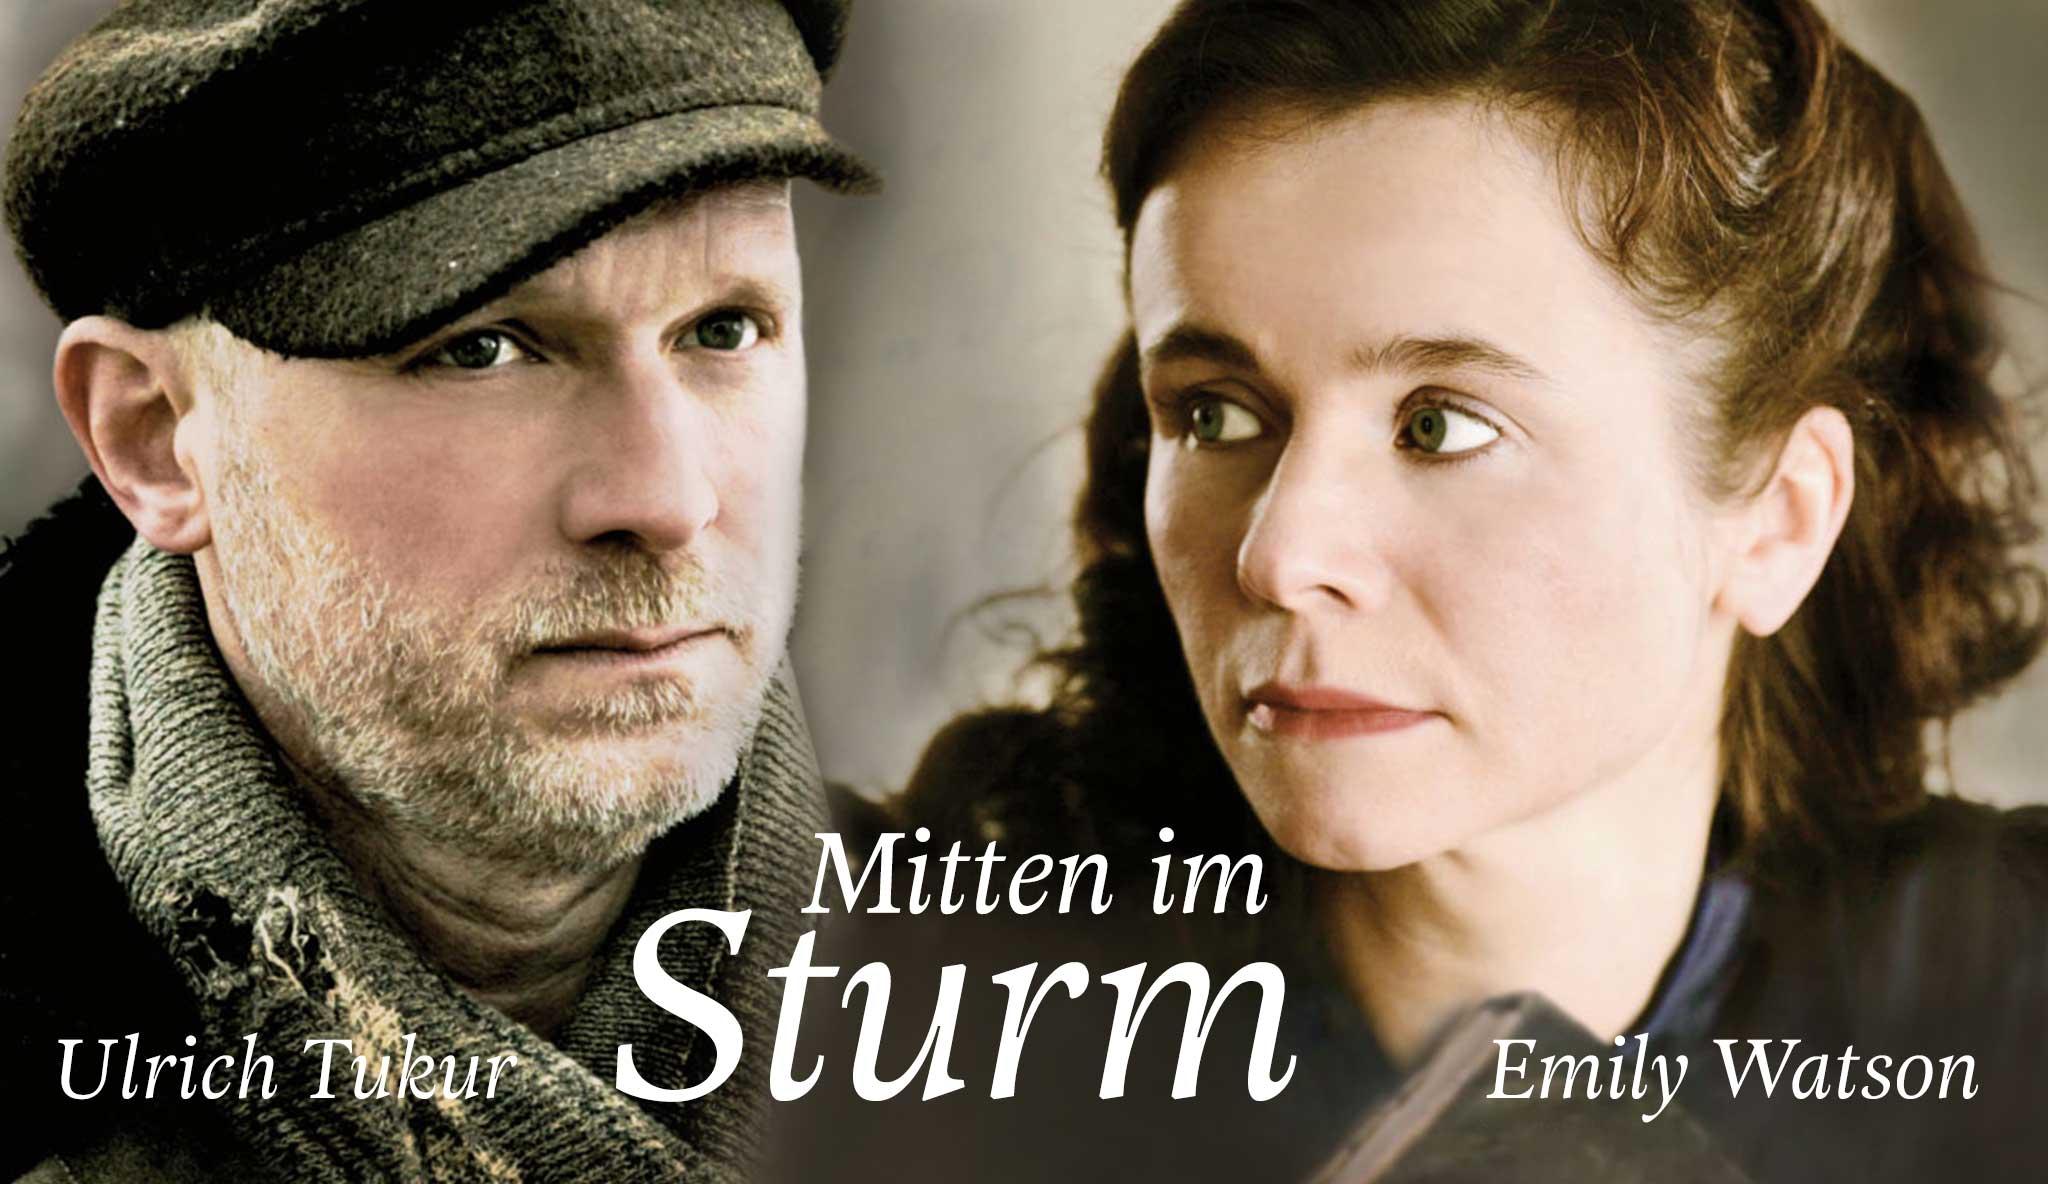 mitten-im-sturm-within-the-whirlwind\header.jpg